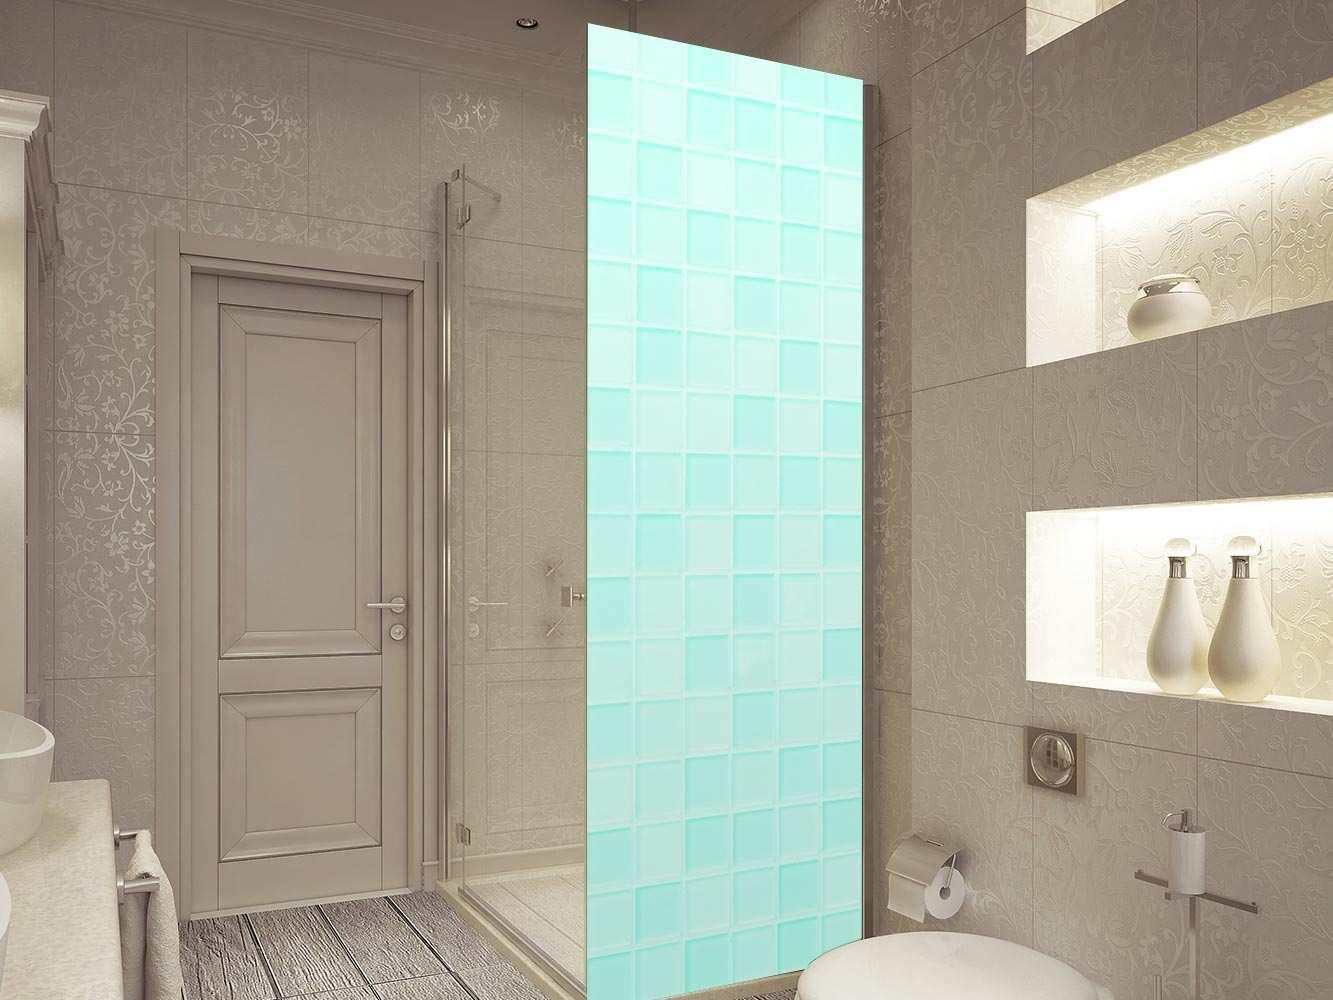 Vinilo Decorativo Mampara Textura Azulejos Turquesa | Carteles XXL - Impresión carteleria publicitaria